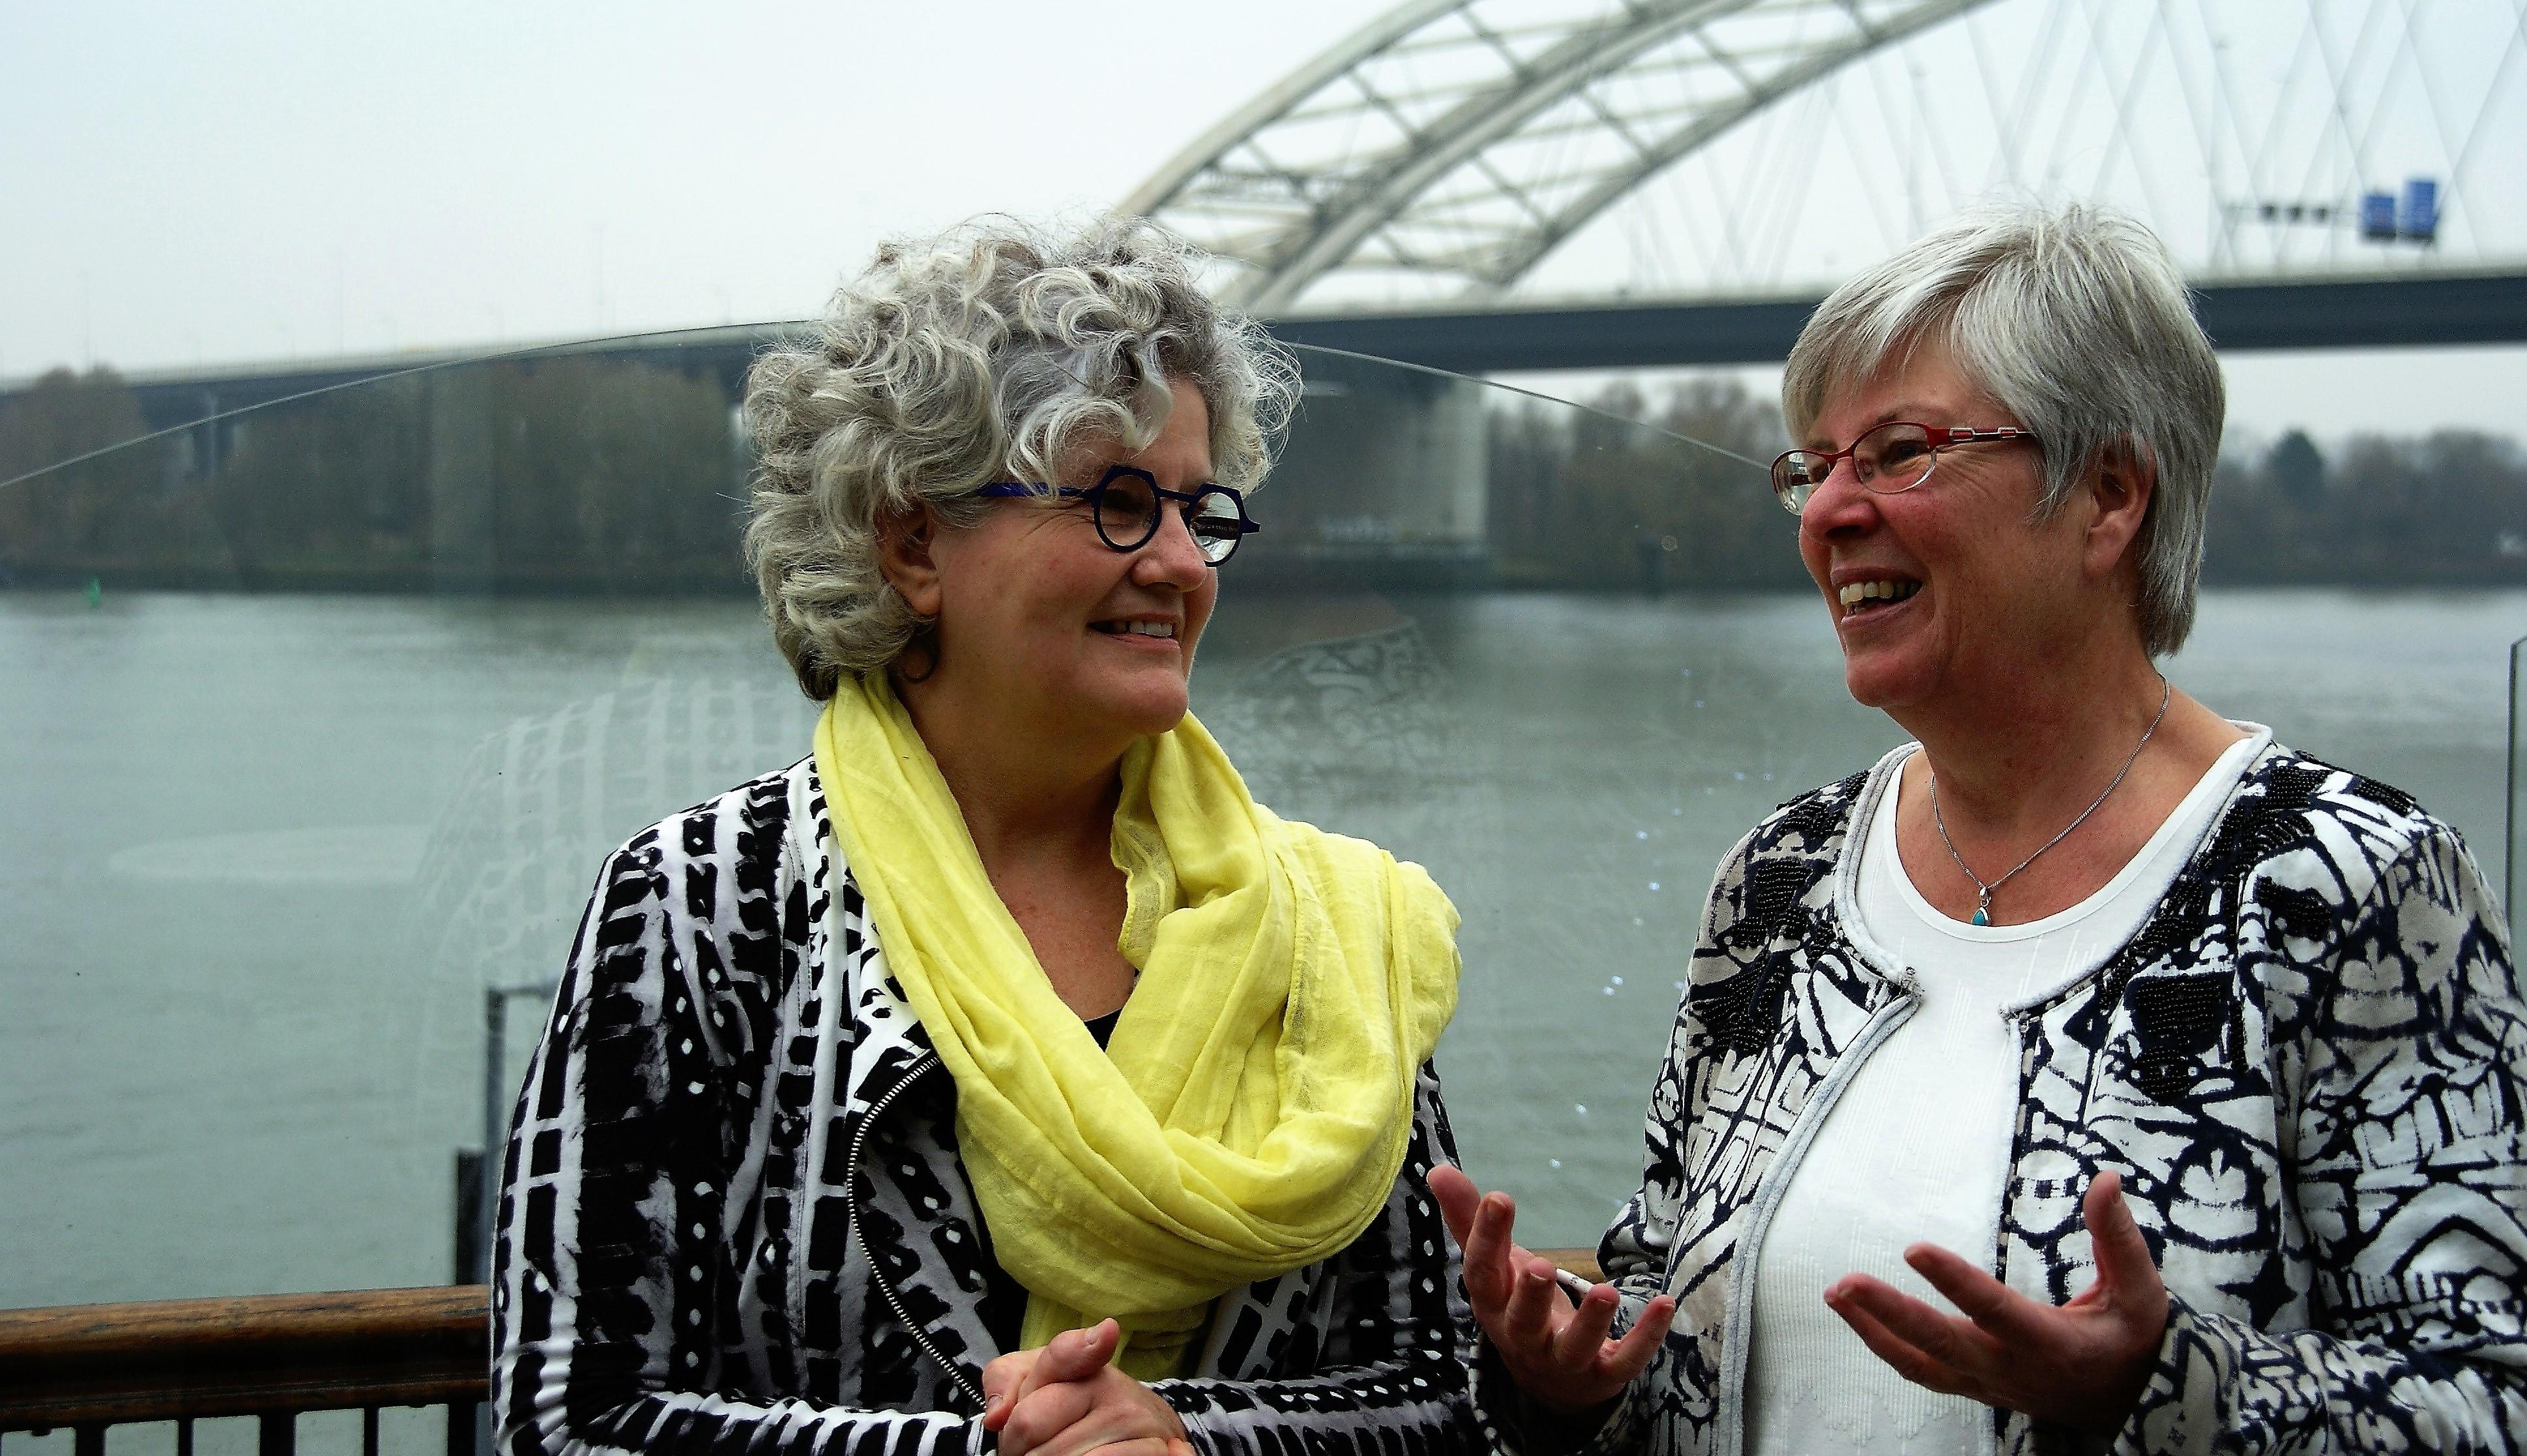 advies en begeleiding waarderende gemeenteopbouw. Goede wijn. Jan Hendriks. Else Roza Els Deenen